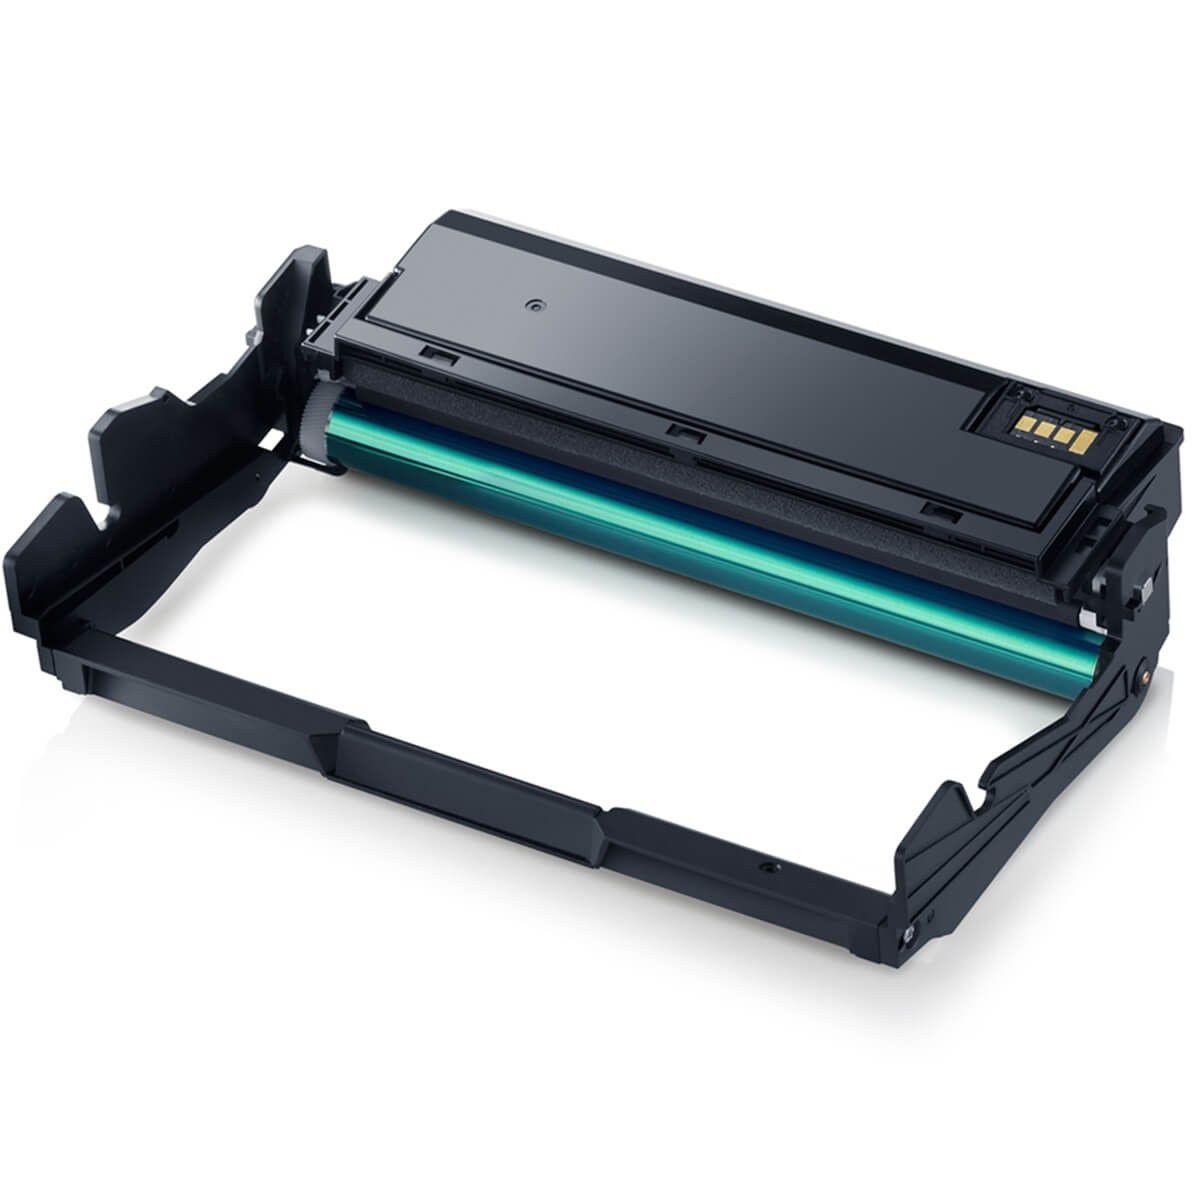 Fotocondutor R204 para toner Samsung M3325 3825 4025 3375 Compatível